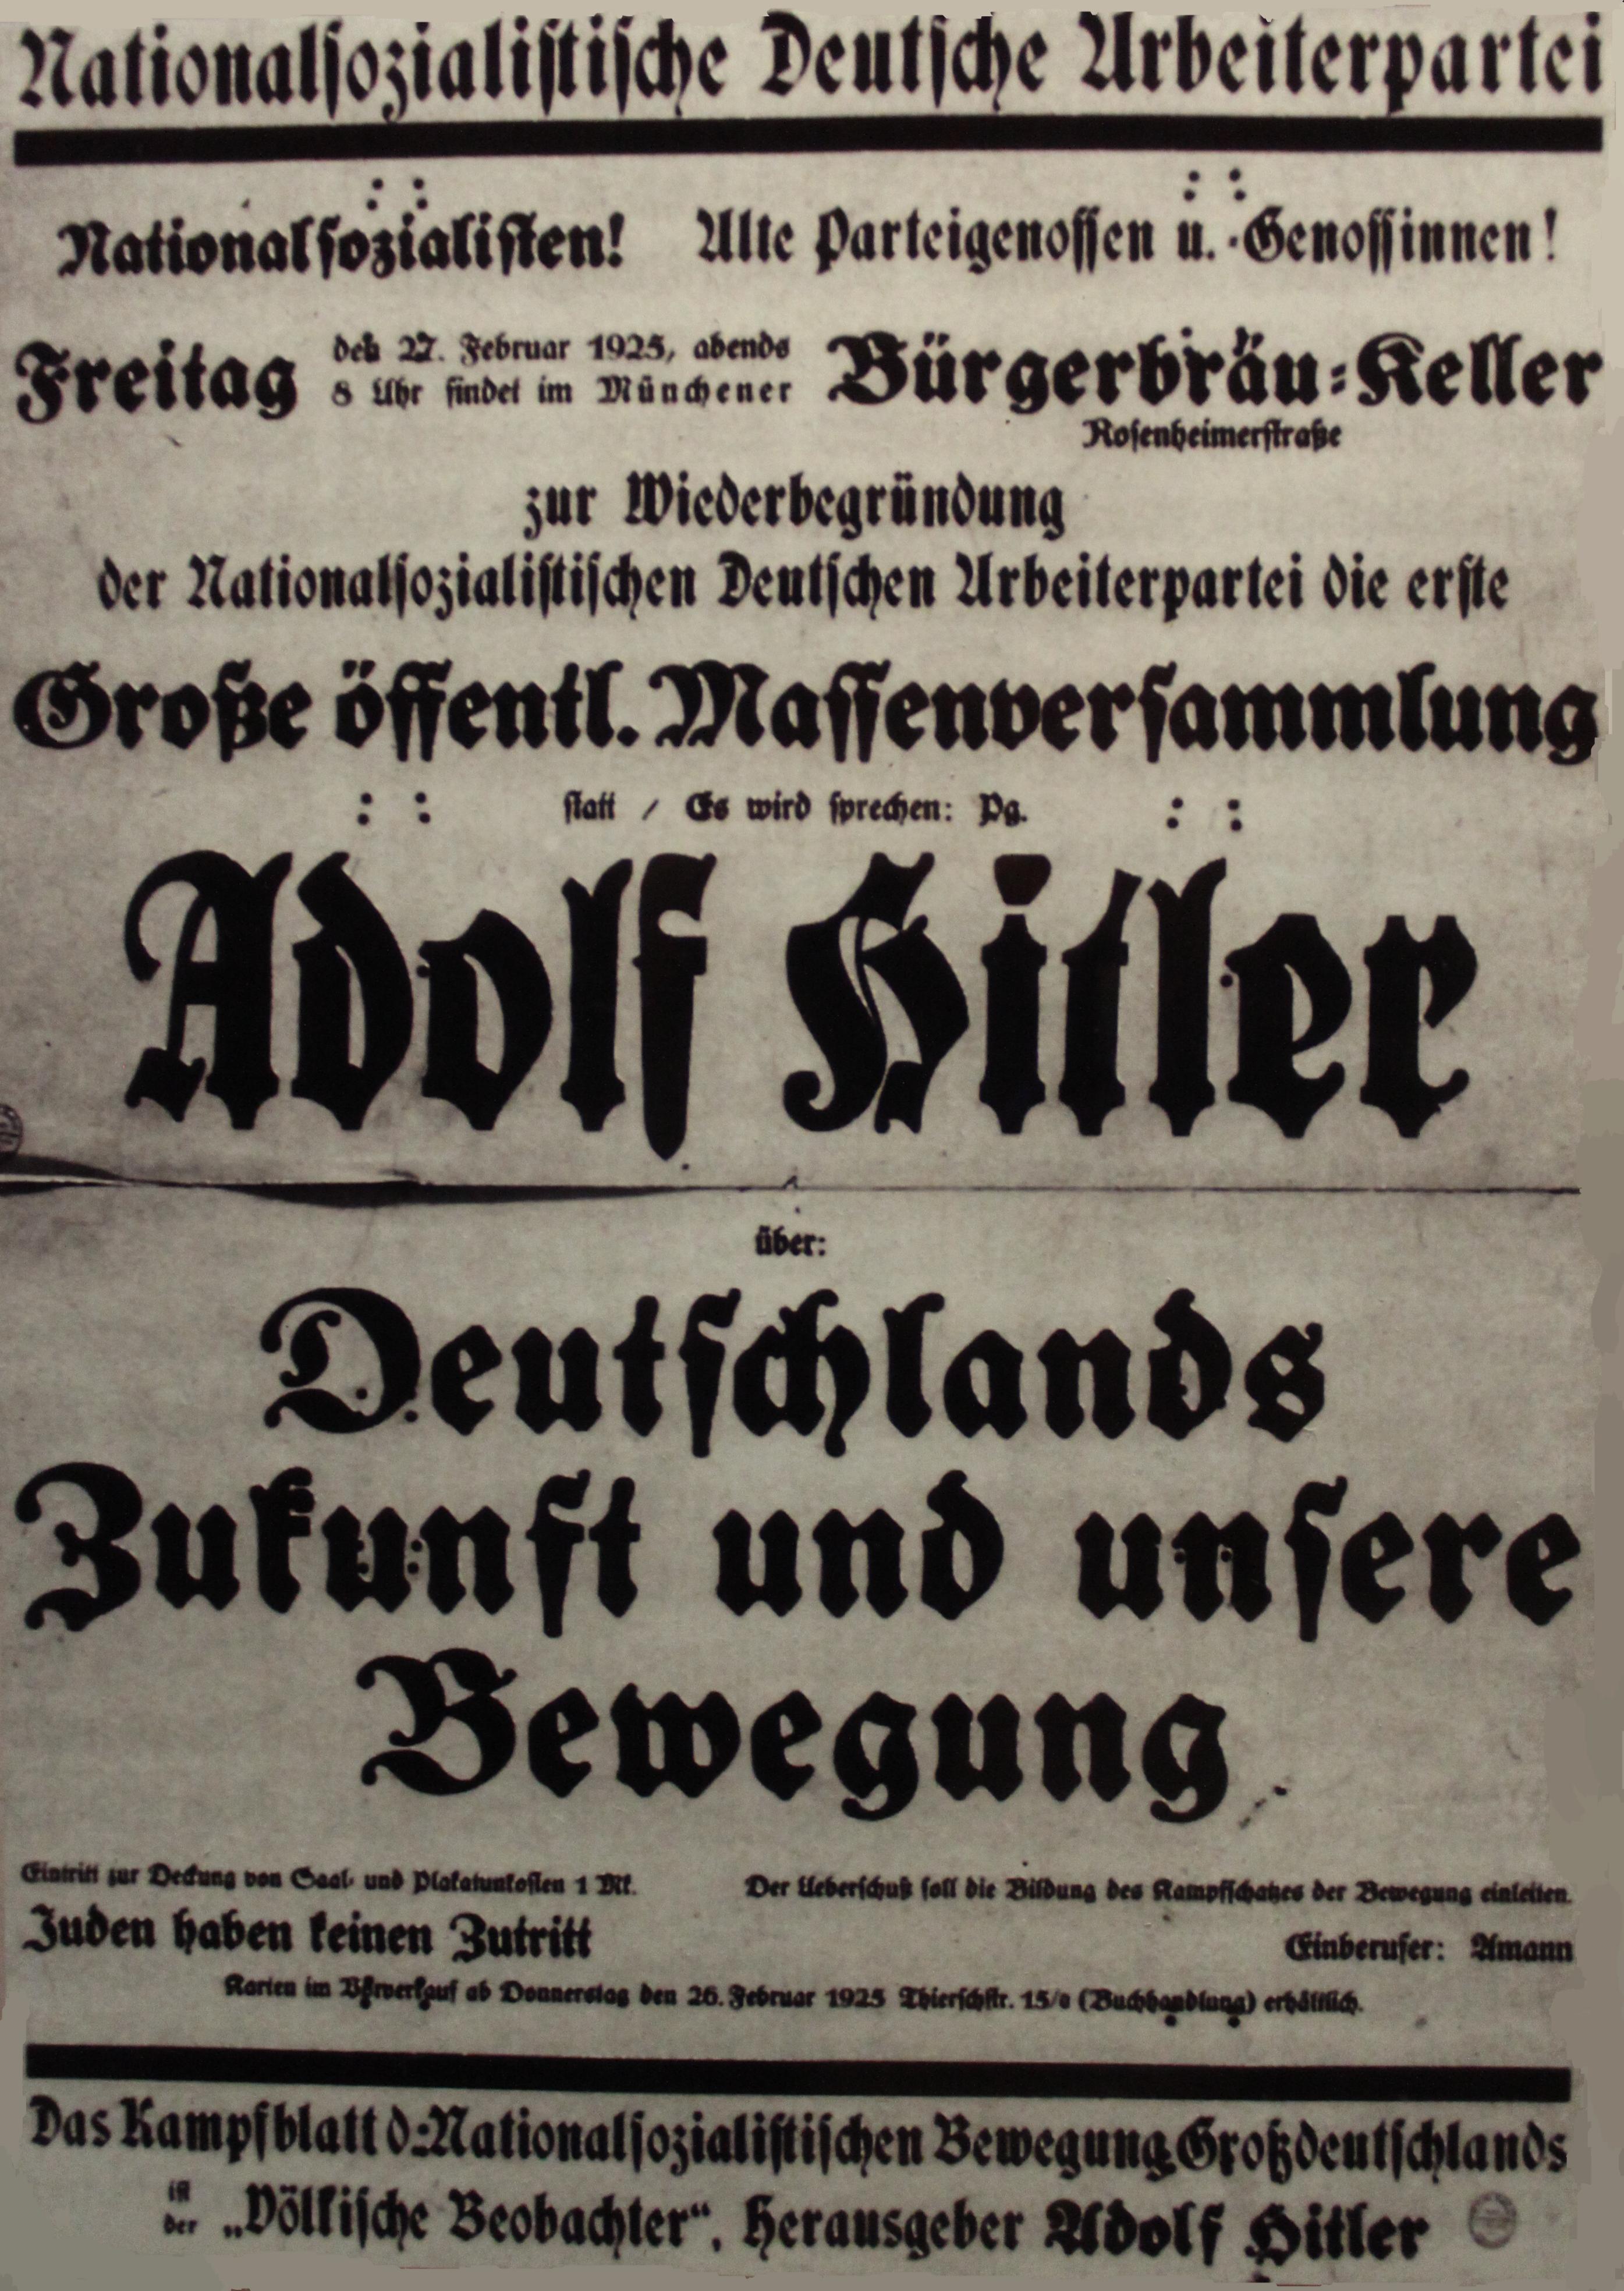 Einladung zu einer Versammlung im Münchner Bürgerbräukeller am 27. Februar 1925, einen Tag nach der Neugründung der NSDAP